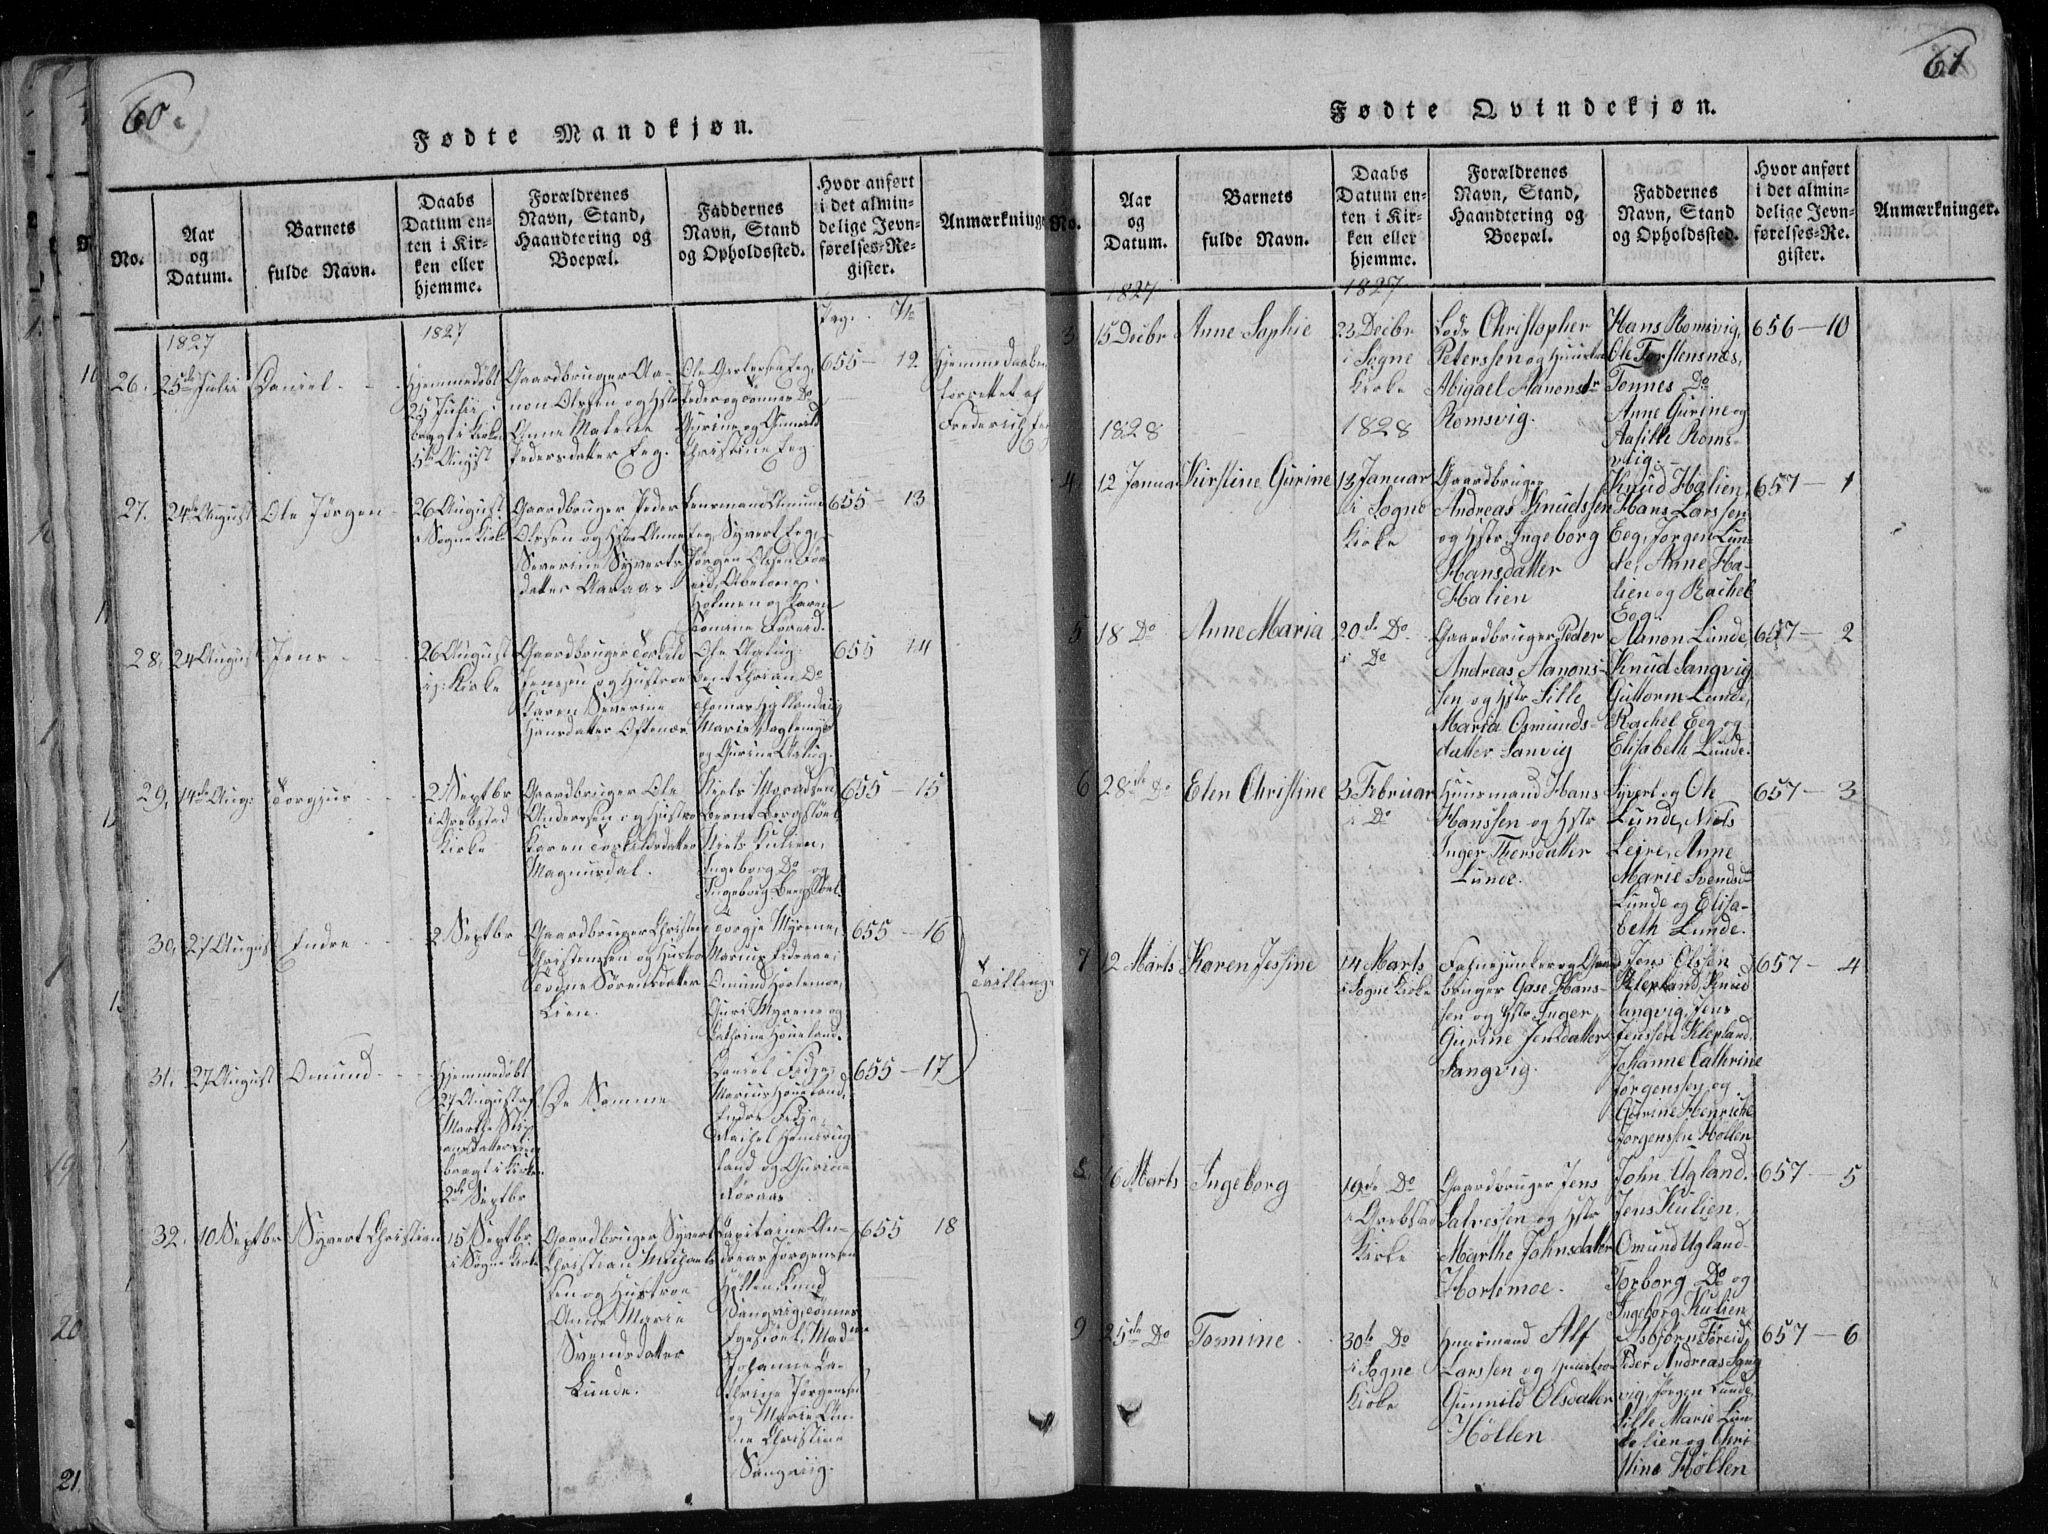 SAK, Søgne sokneprestkontor, F/Fb/Fbb/L0002: Klokkerbok nr. B 2, 1821-1838, s. 60-61